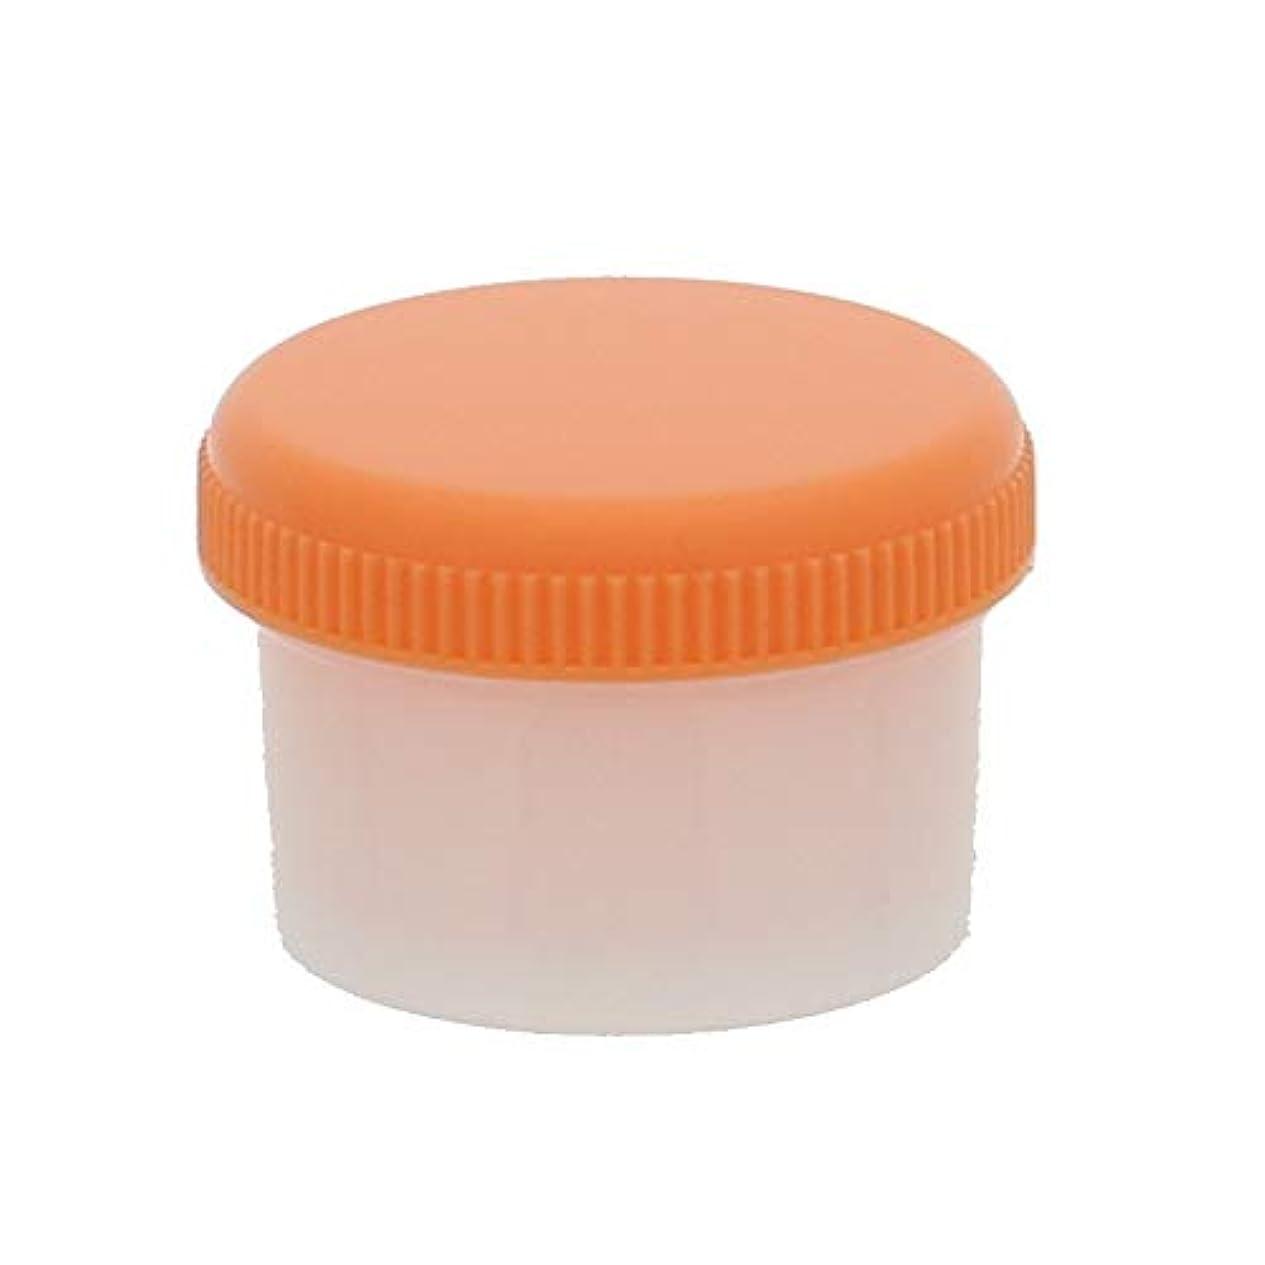 メンバー軍大統領シンリョウ SK軟膏容器 B型6ml オレンジ 個包装電子線滅菌済